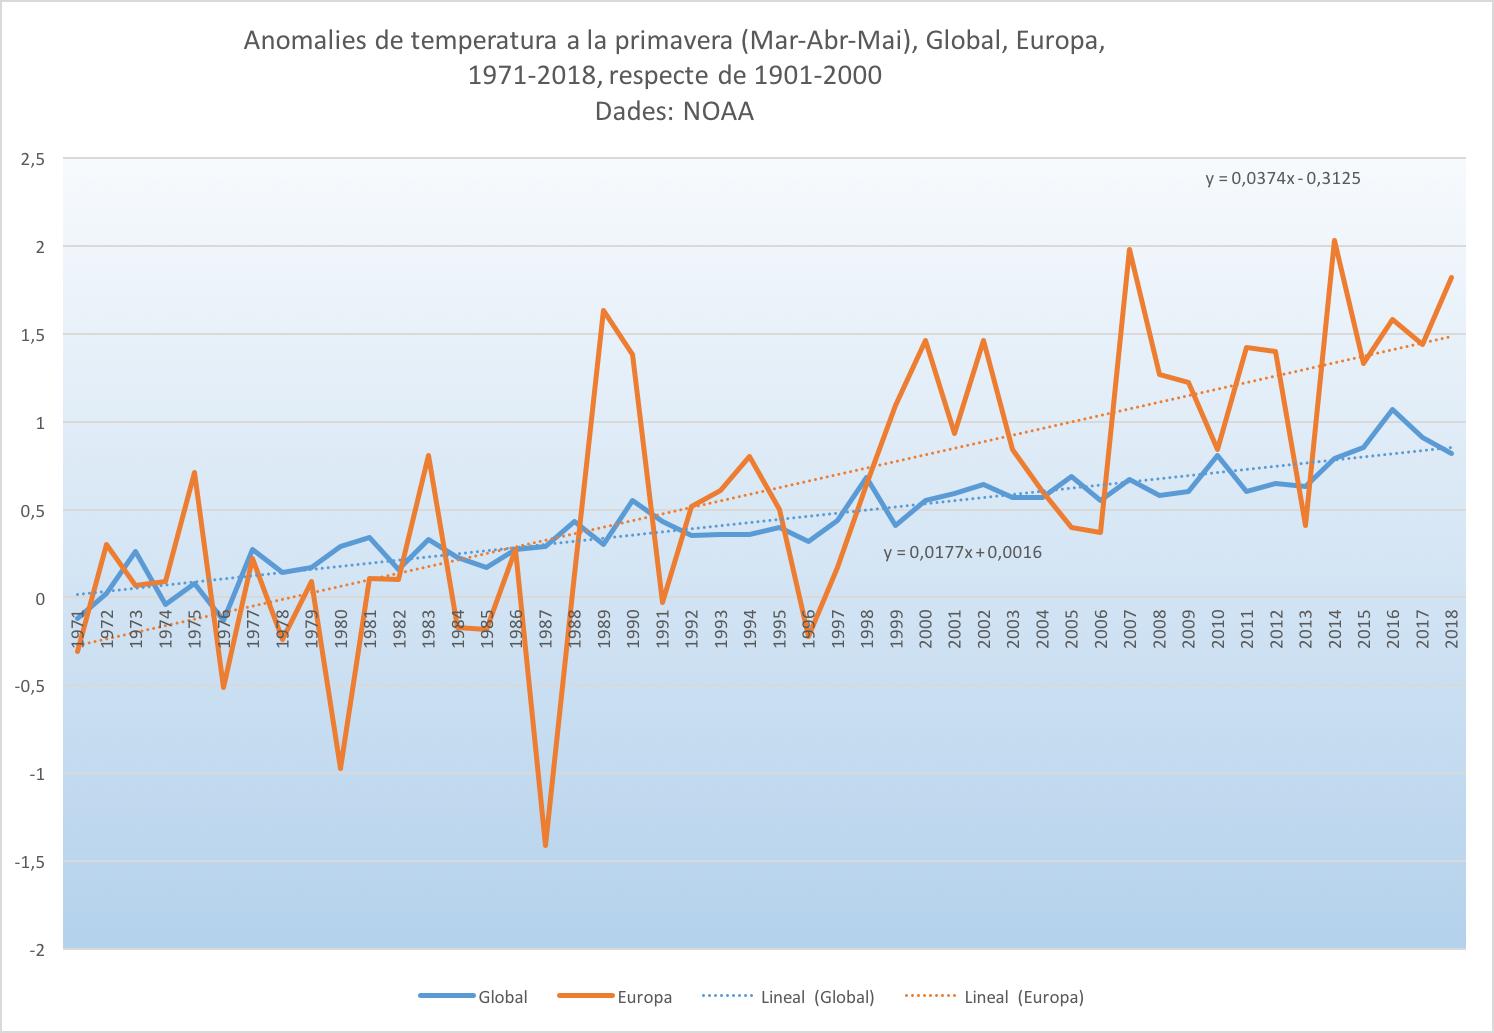 Figura 1. Sèries temporals de les temperatures mitjanes de primavera (MAM) al conjunt de tot el món (global, en blau) i a Europa (estacions terrestres, en taronja). A les sèries anuals s'ha afegit un ajust temporal lineal (línies a punts); al gràfic també hi apareixen les equacions corresponents a aquest ajusts. Les dades han estat obtingudes de NOAA National Centers for Environmental information, Climate at a Glance: Global Time Series, published June 2018, retrieved on June 22, 2018 from http://www.ncdc.noaa.gov/cag/